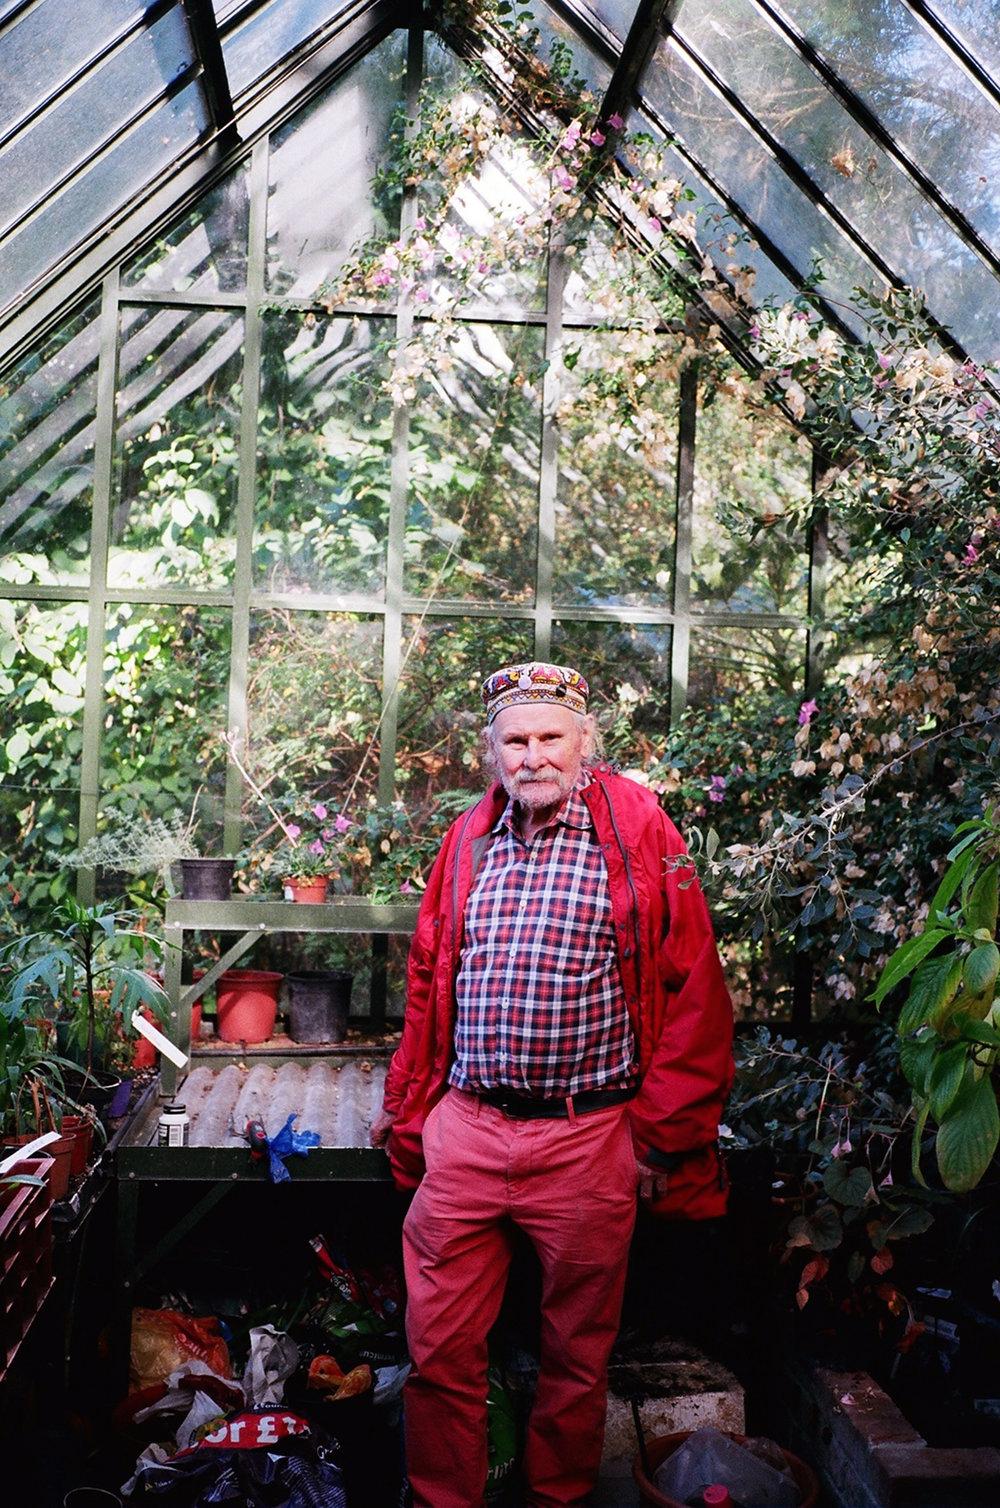 Roger Phillips for The Gannet